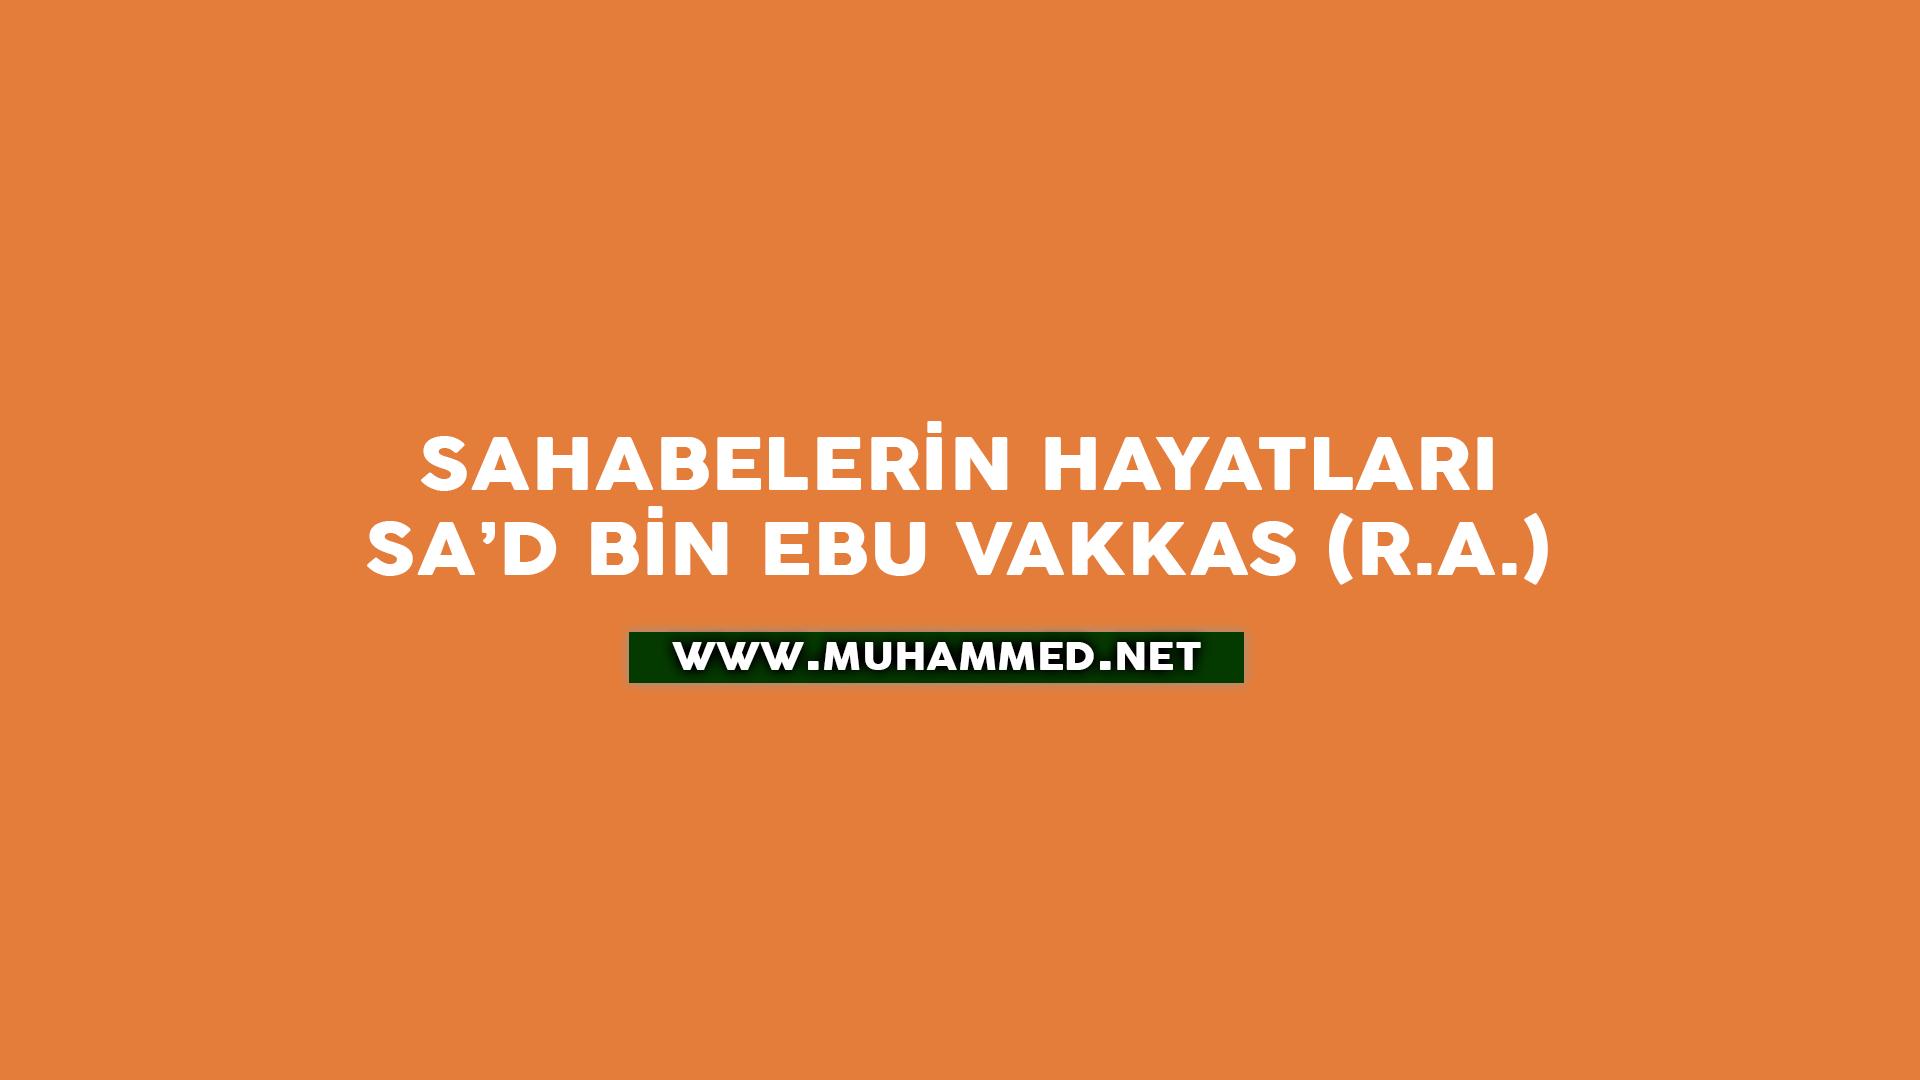 Sa'd bin Ebu Vakkas (r.a.)